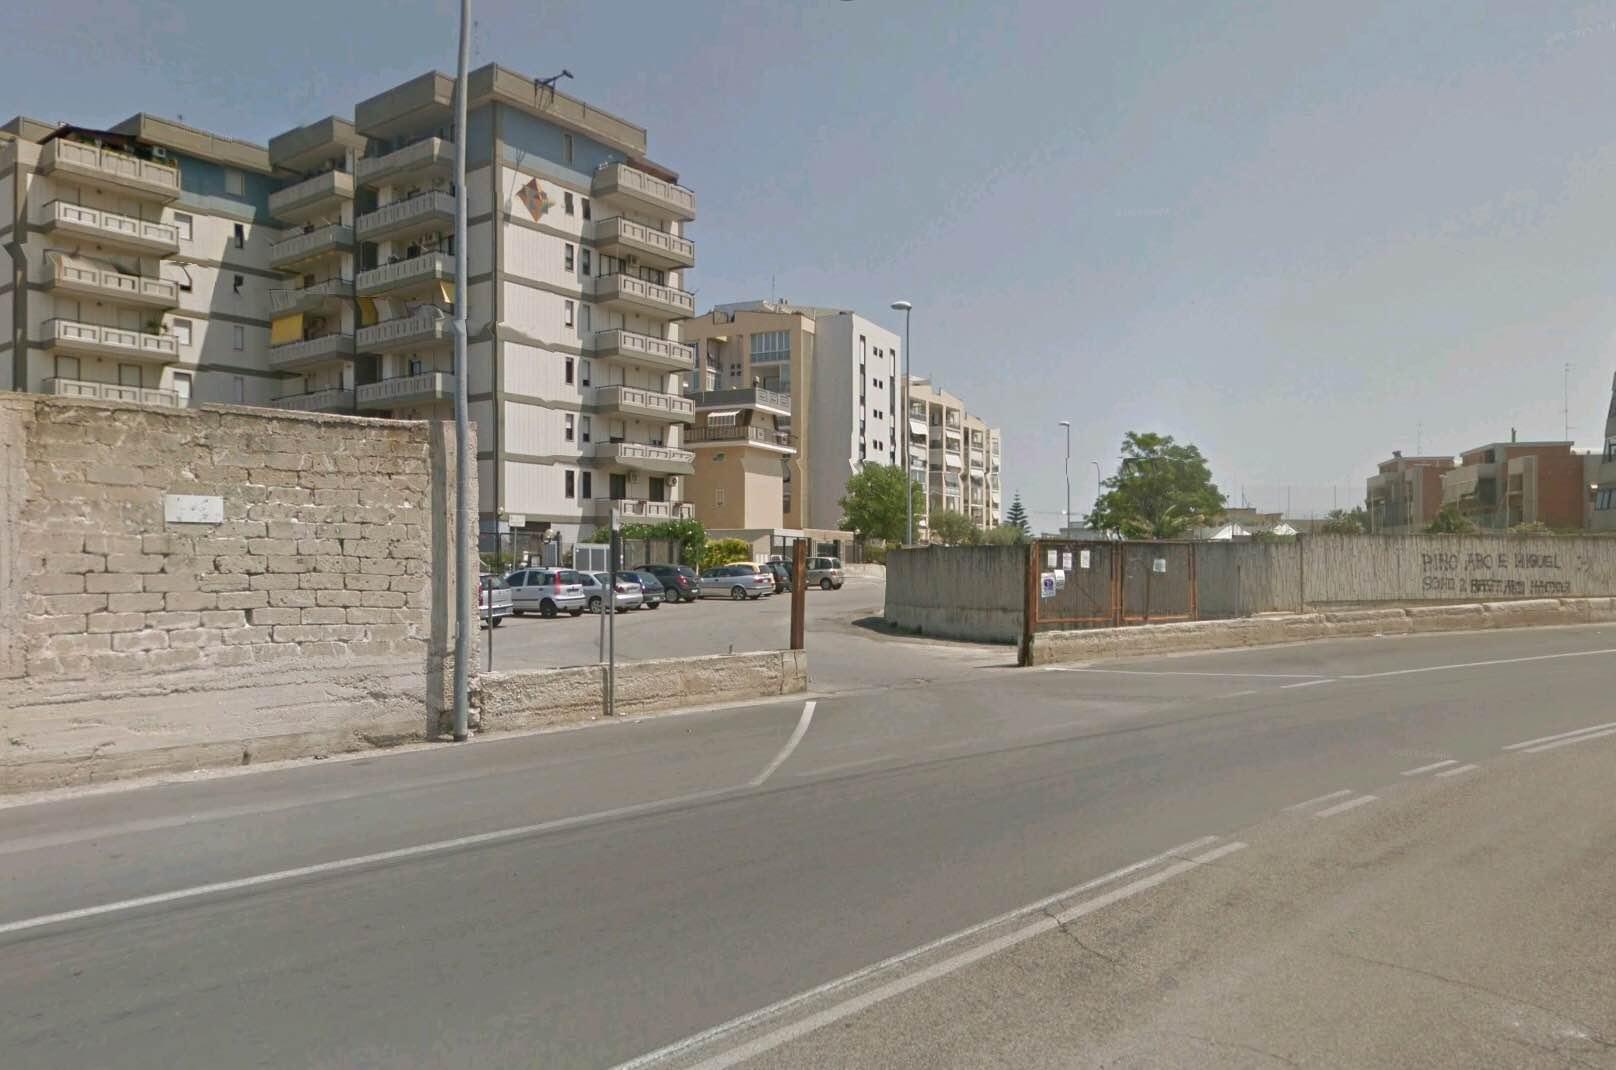 A Bari sull'autobus 53 per gioco tirato il freno d'emergenza, feriti